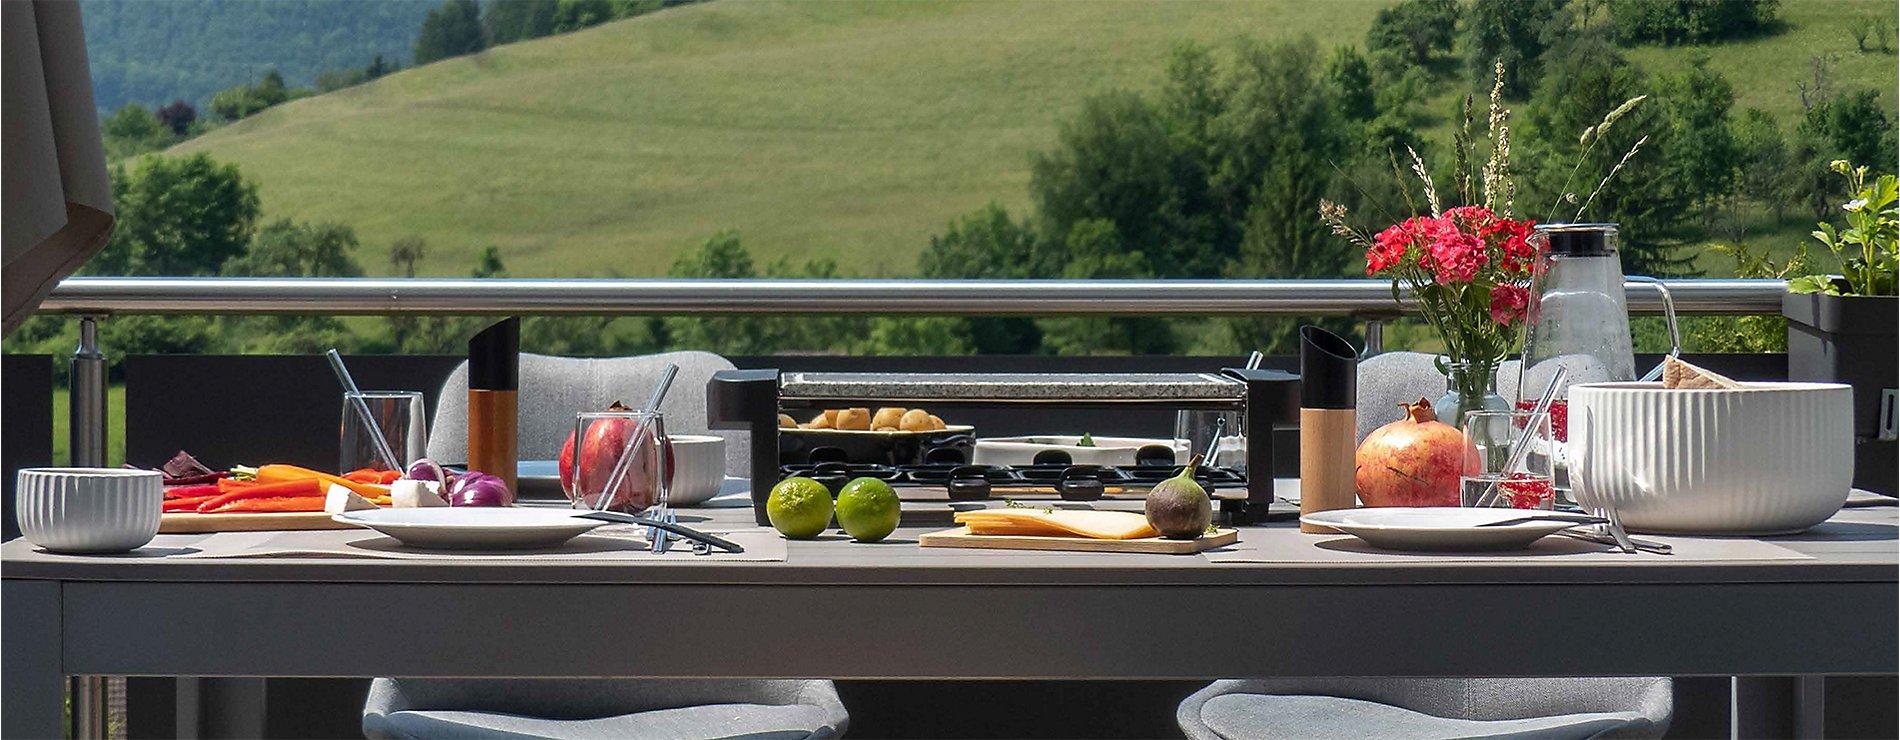 Raclette im Freien geniessen